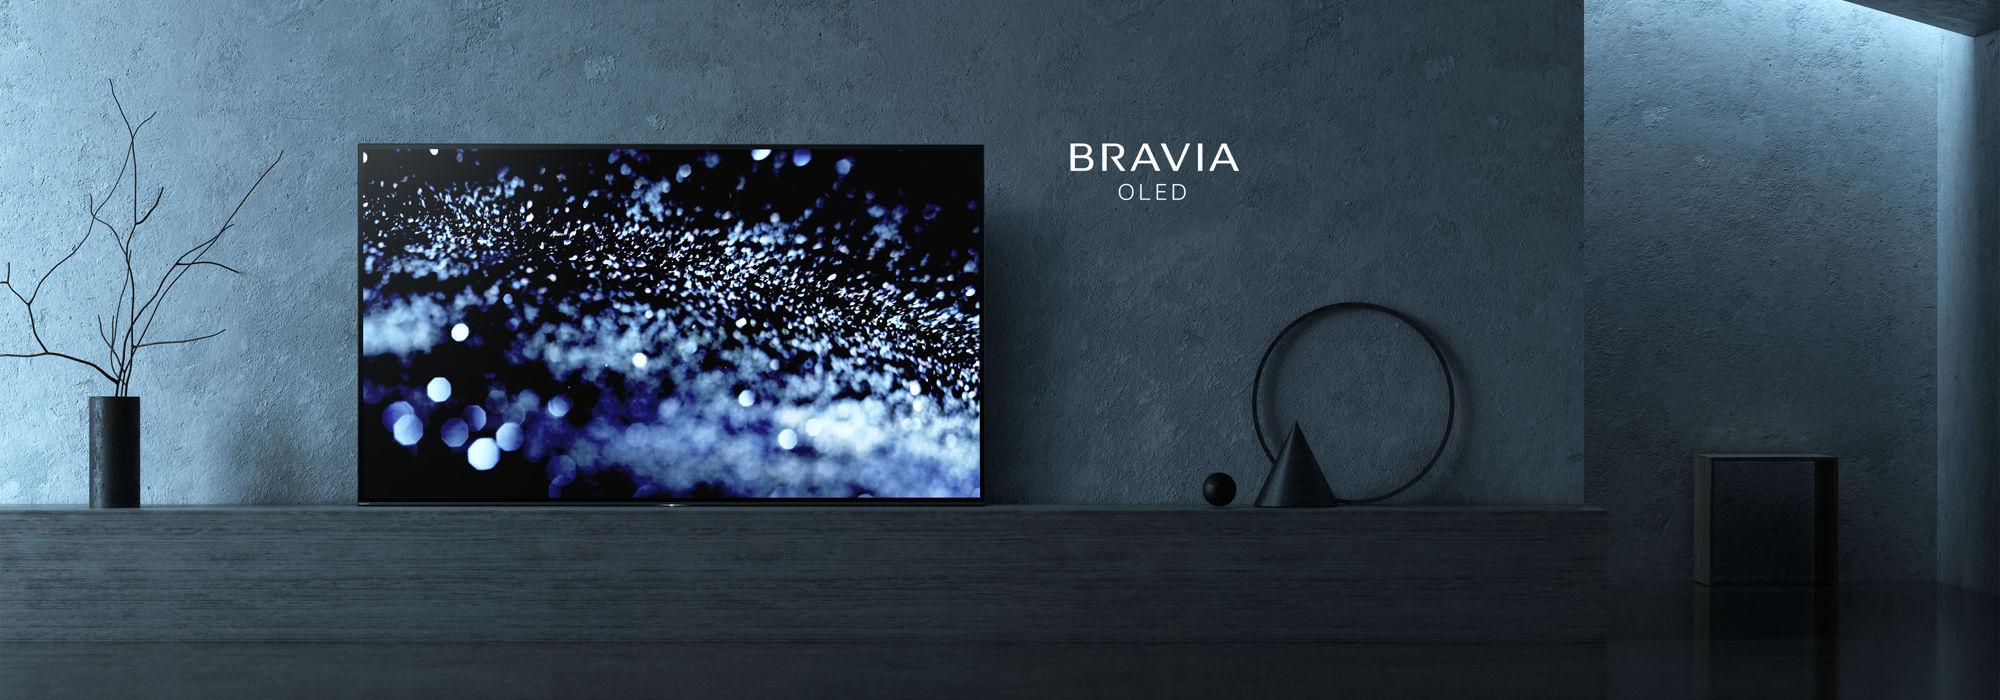 Sony A1 (KD-55A1) TEST pierwszego OLED tej marki z 4K i HDR